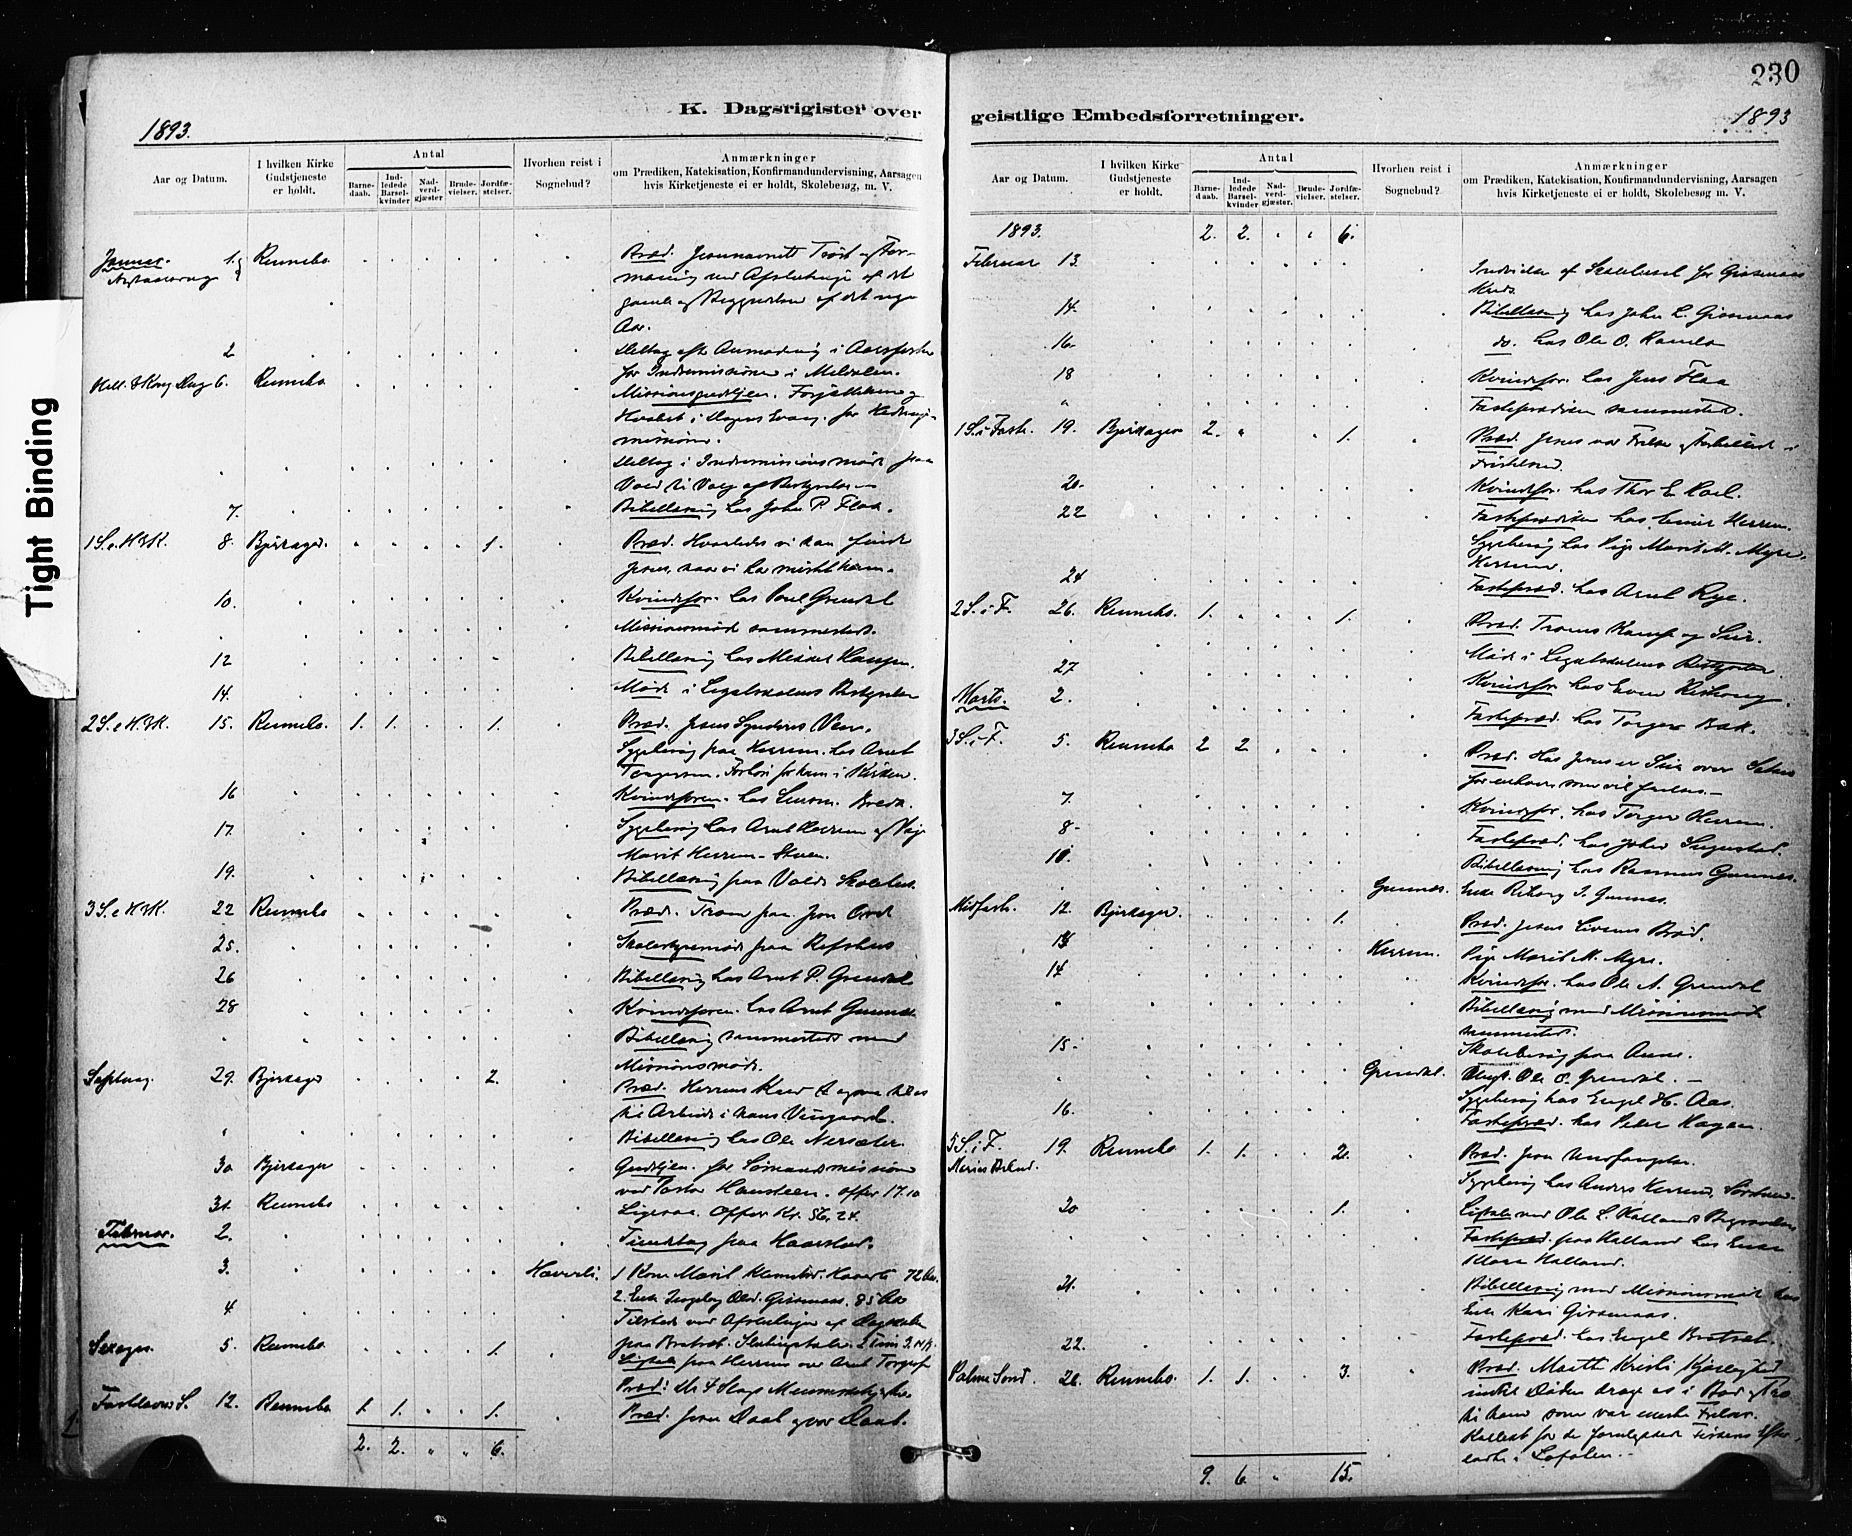 SAT, Ministerialprotokoller, klokkerbøker og fødselsregistre - Sør-Trøndelag, 674/L0871: Ministerialbok nr. 674A03, 1880-1896, s. 230